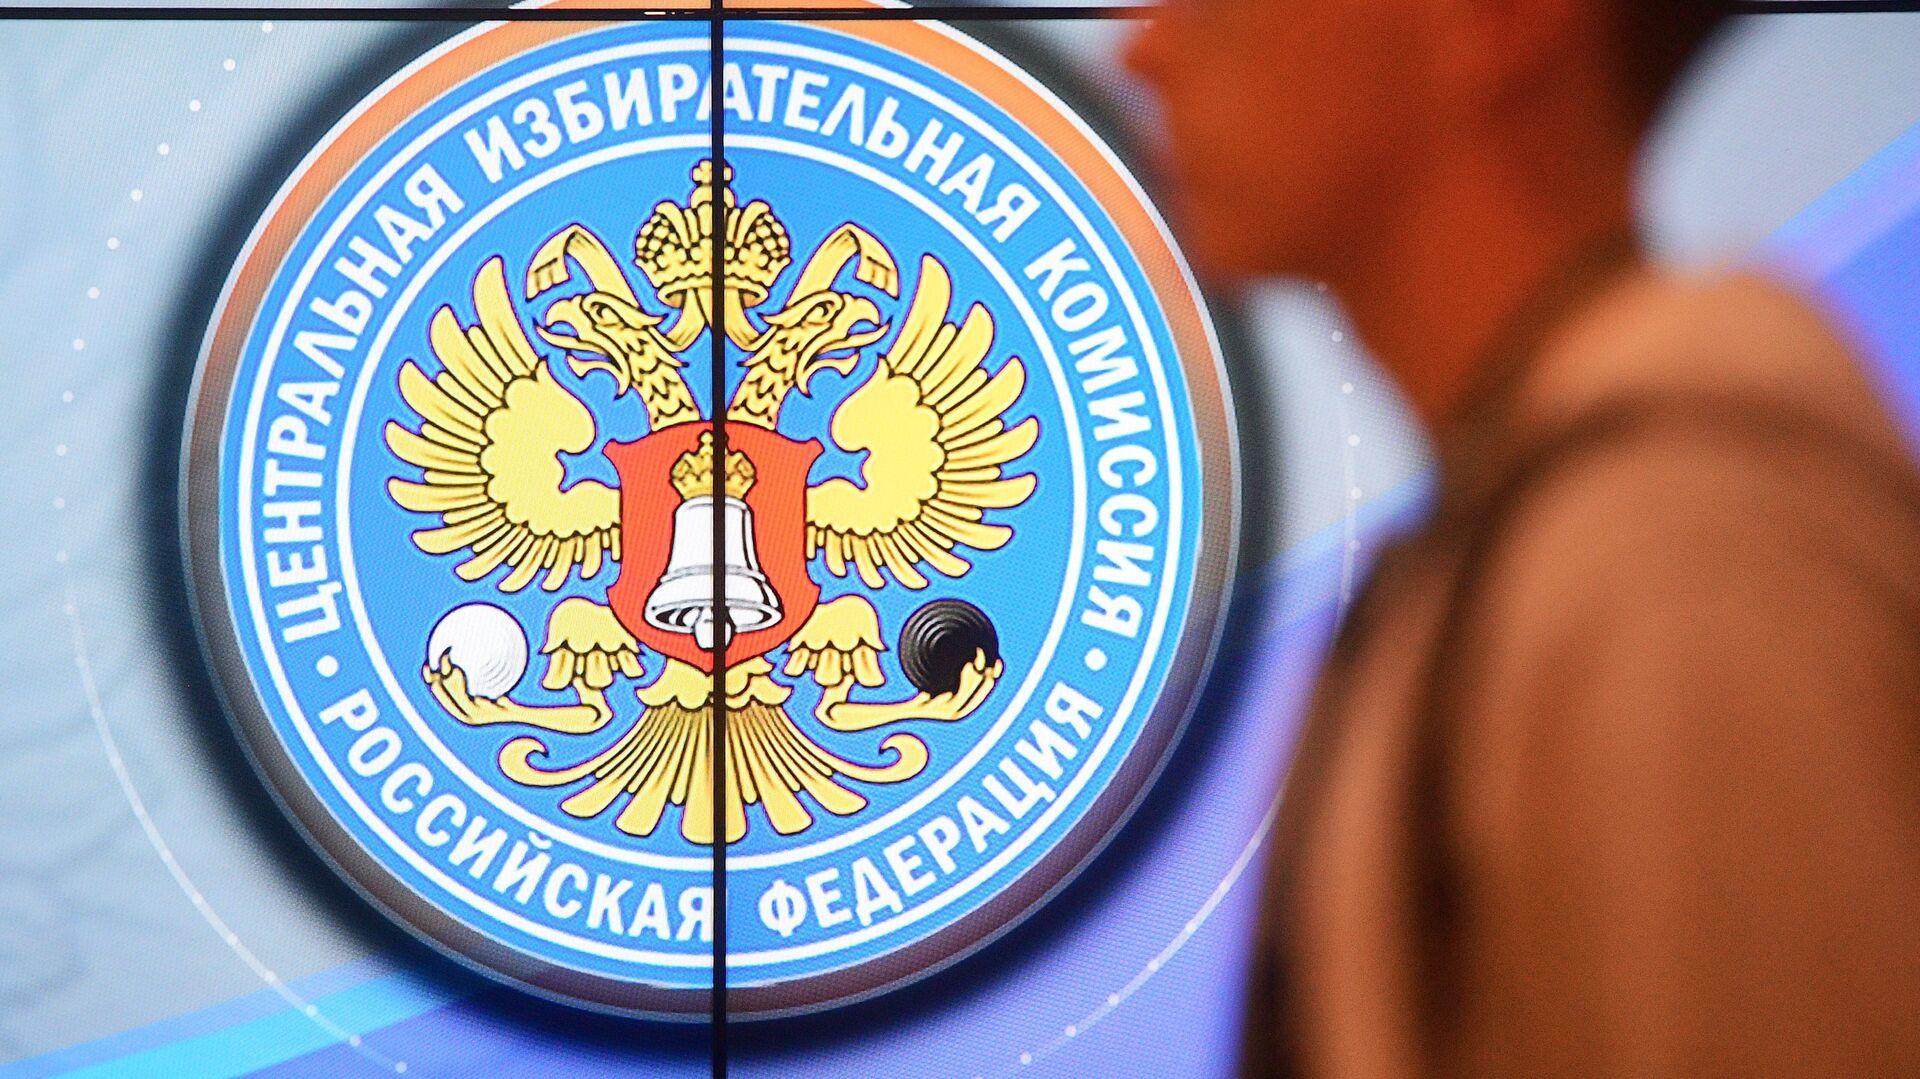 El logo de la Comisión Electoral Central de Rusia (CEC) - Sputnik Mundo, 1920, 18.06.2021